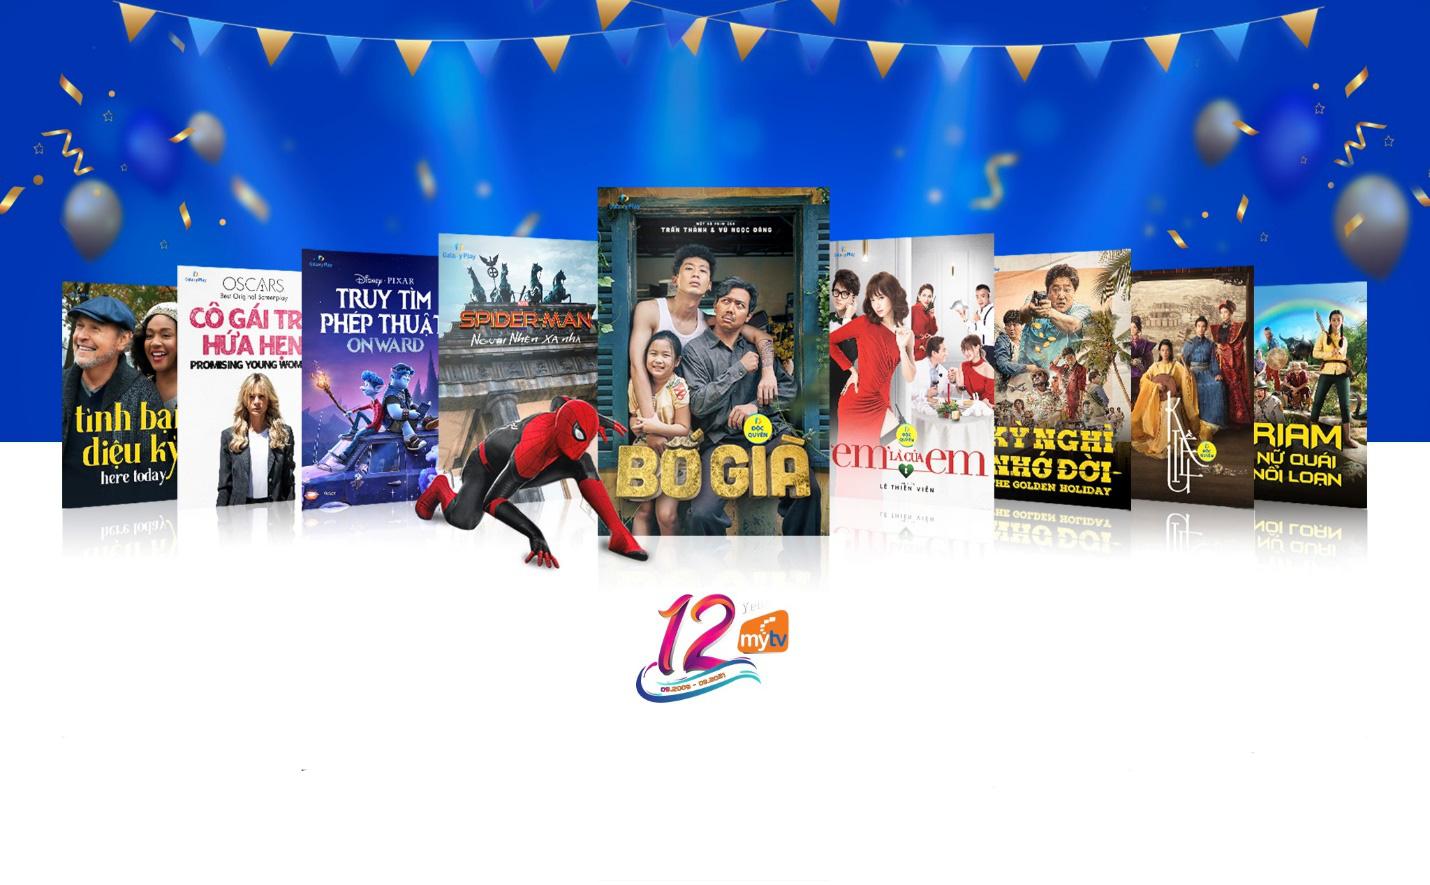 Truyền hình MyTV gửi tặng những phần quà tinh thần tri ân khách hàng nhân kỷ niệm sinh nhật 12 năm - Ảnh 1.